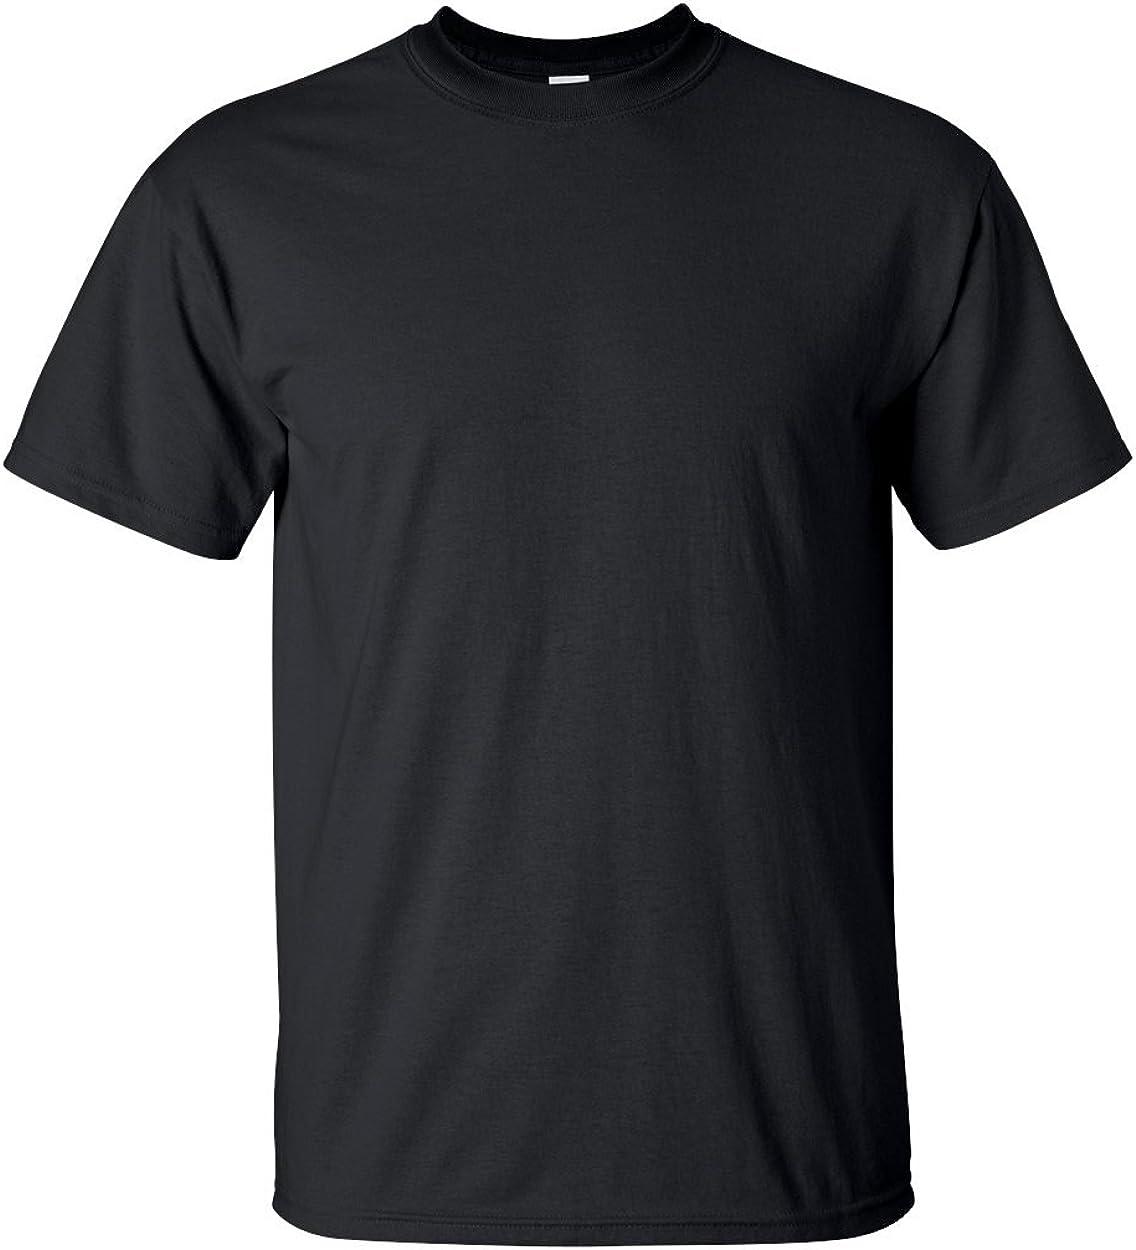 Gildan Ultra Cotton T-Shirt Tall Sizes